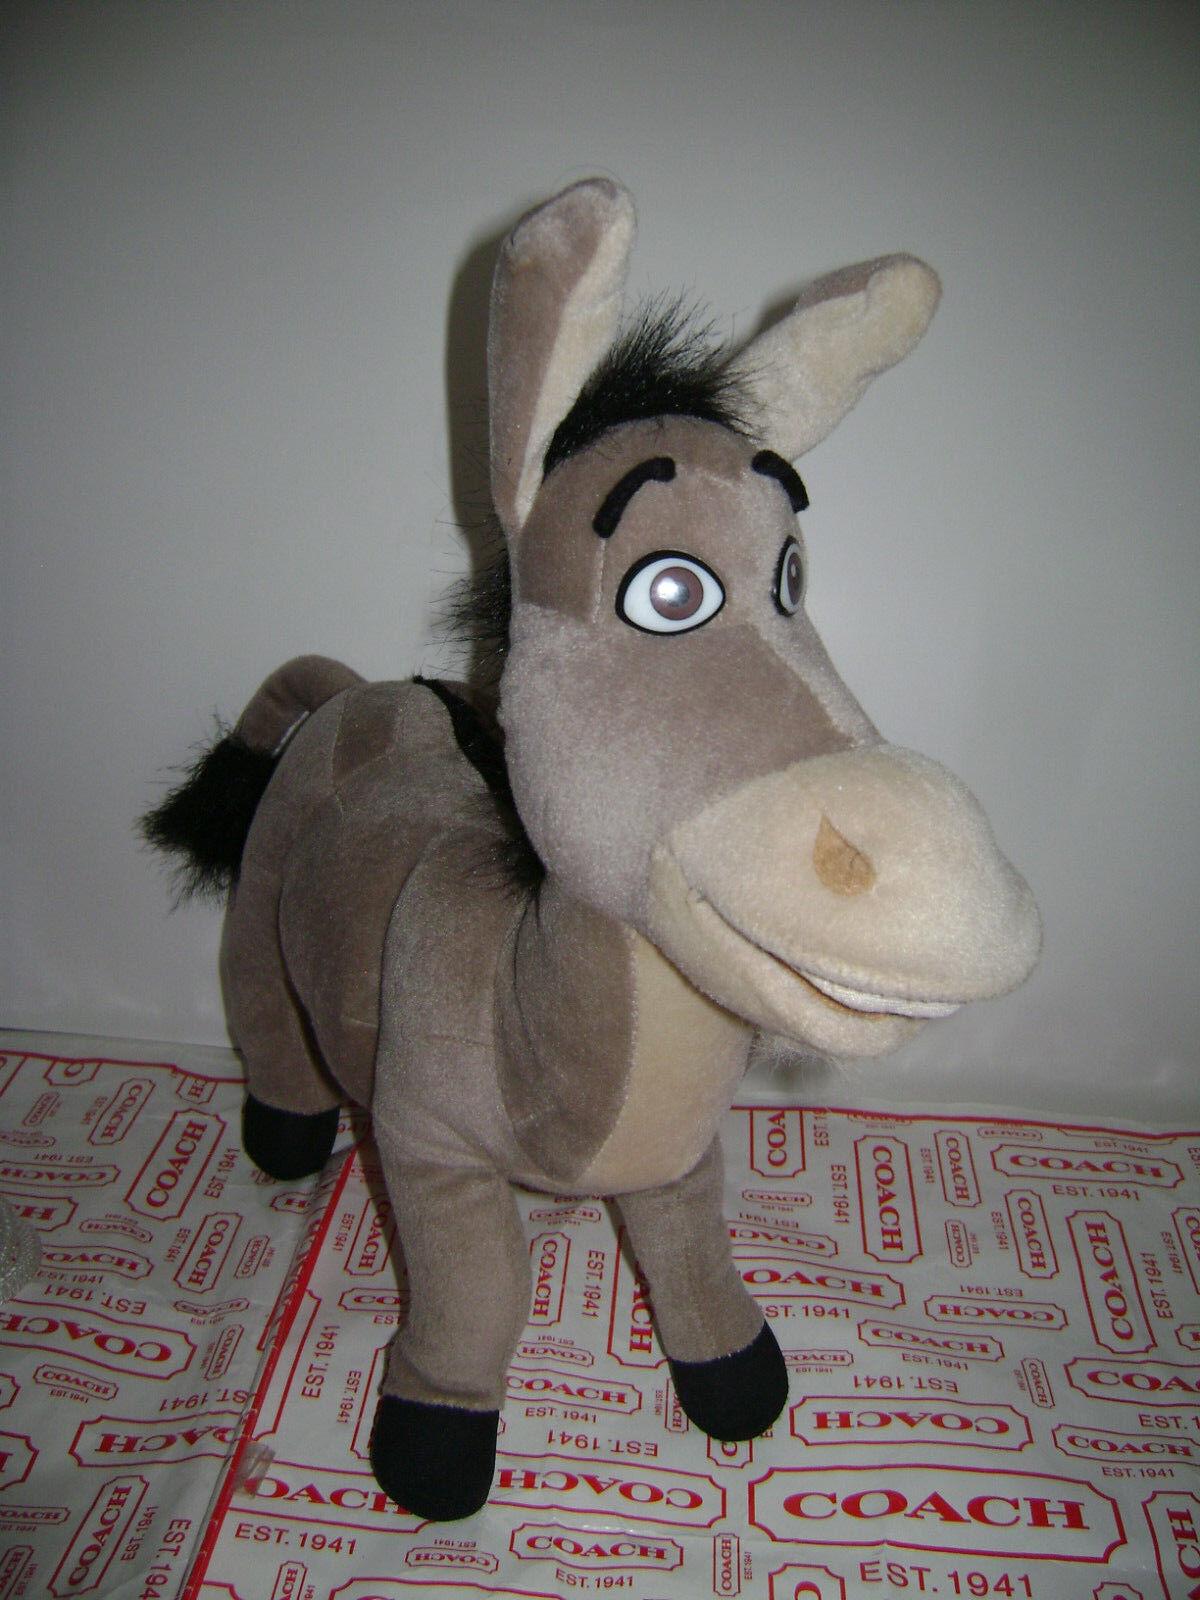 NANCO DreamWorks 2004 Shrek Donkey 15